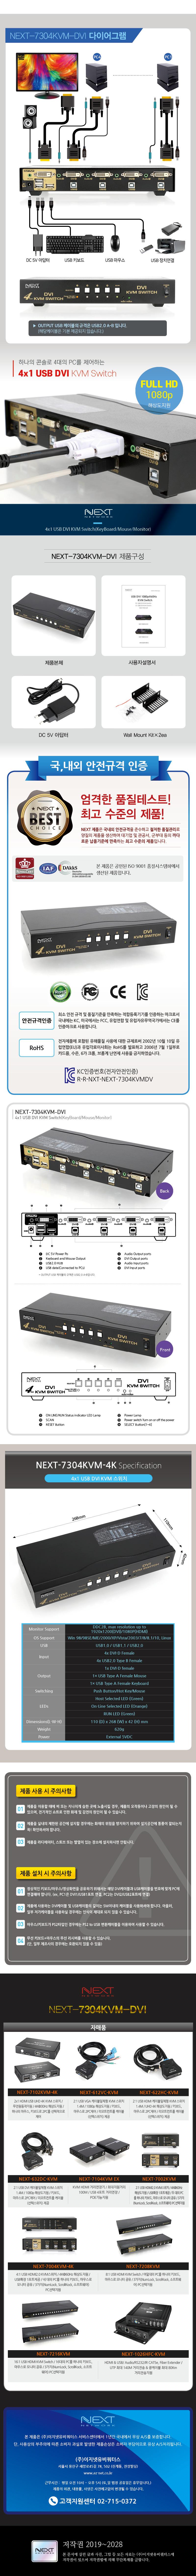 이지넷유비쿼터스  4:1 USB DVI KVM 스위치 (NEXT-7304KVM-DVI)